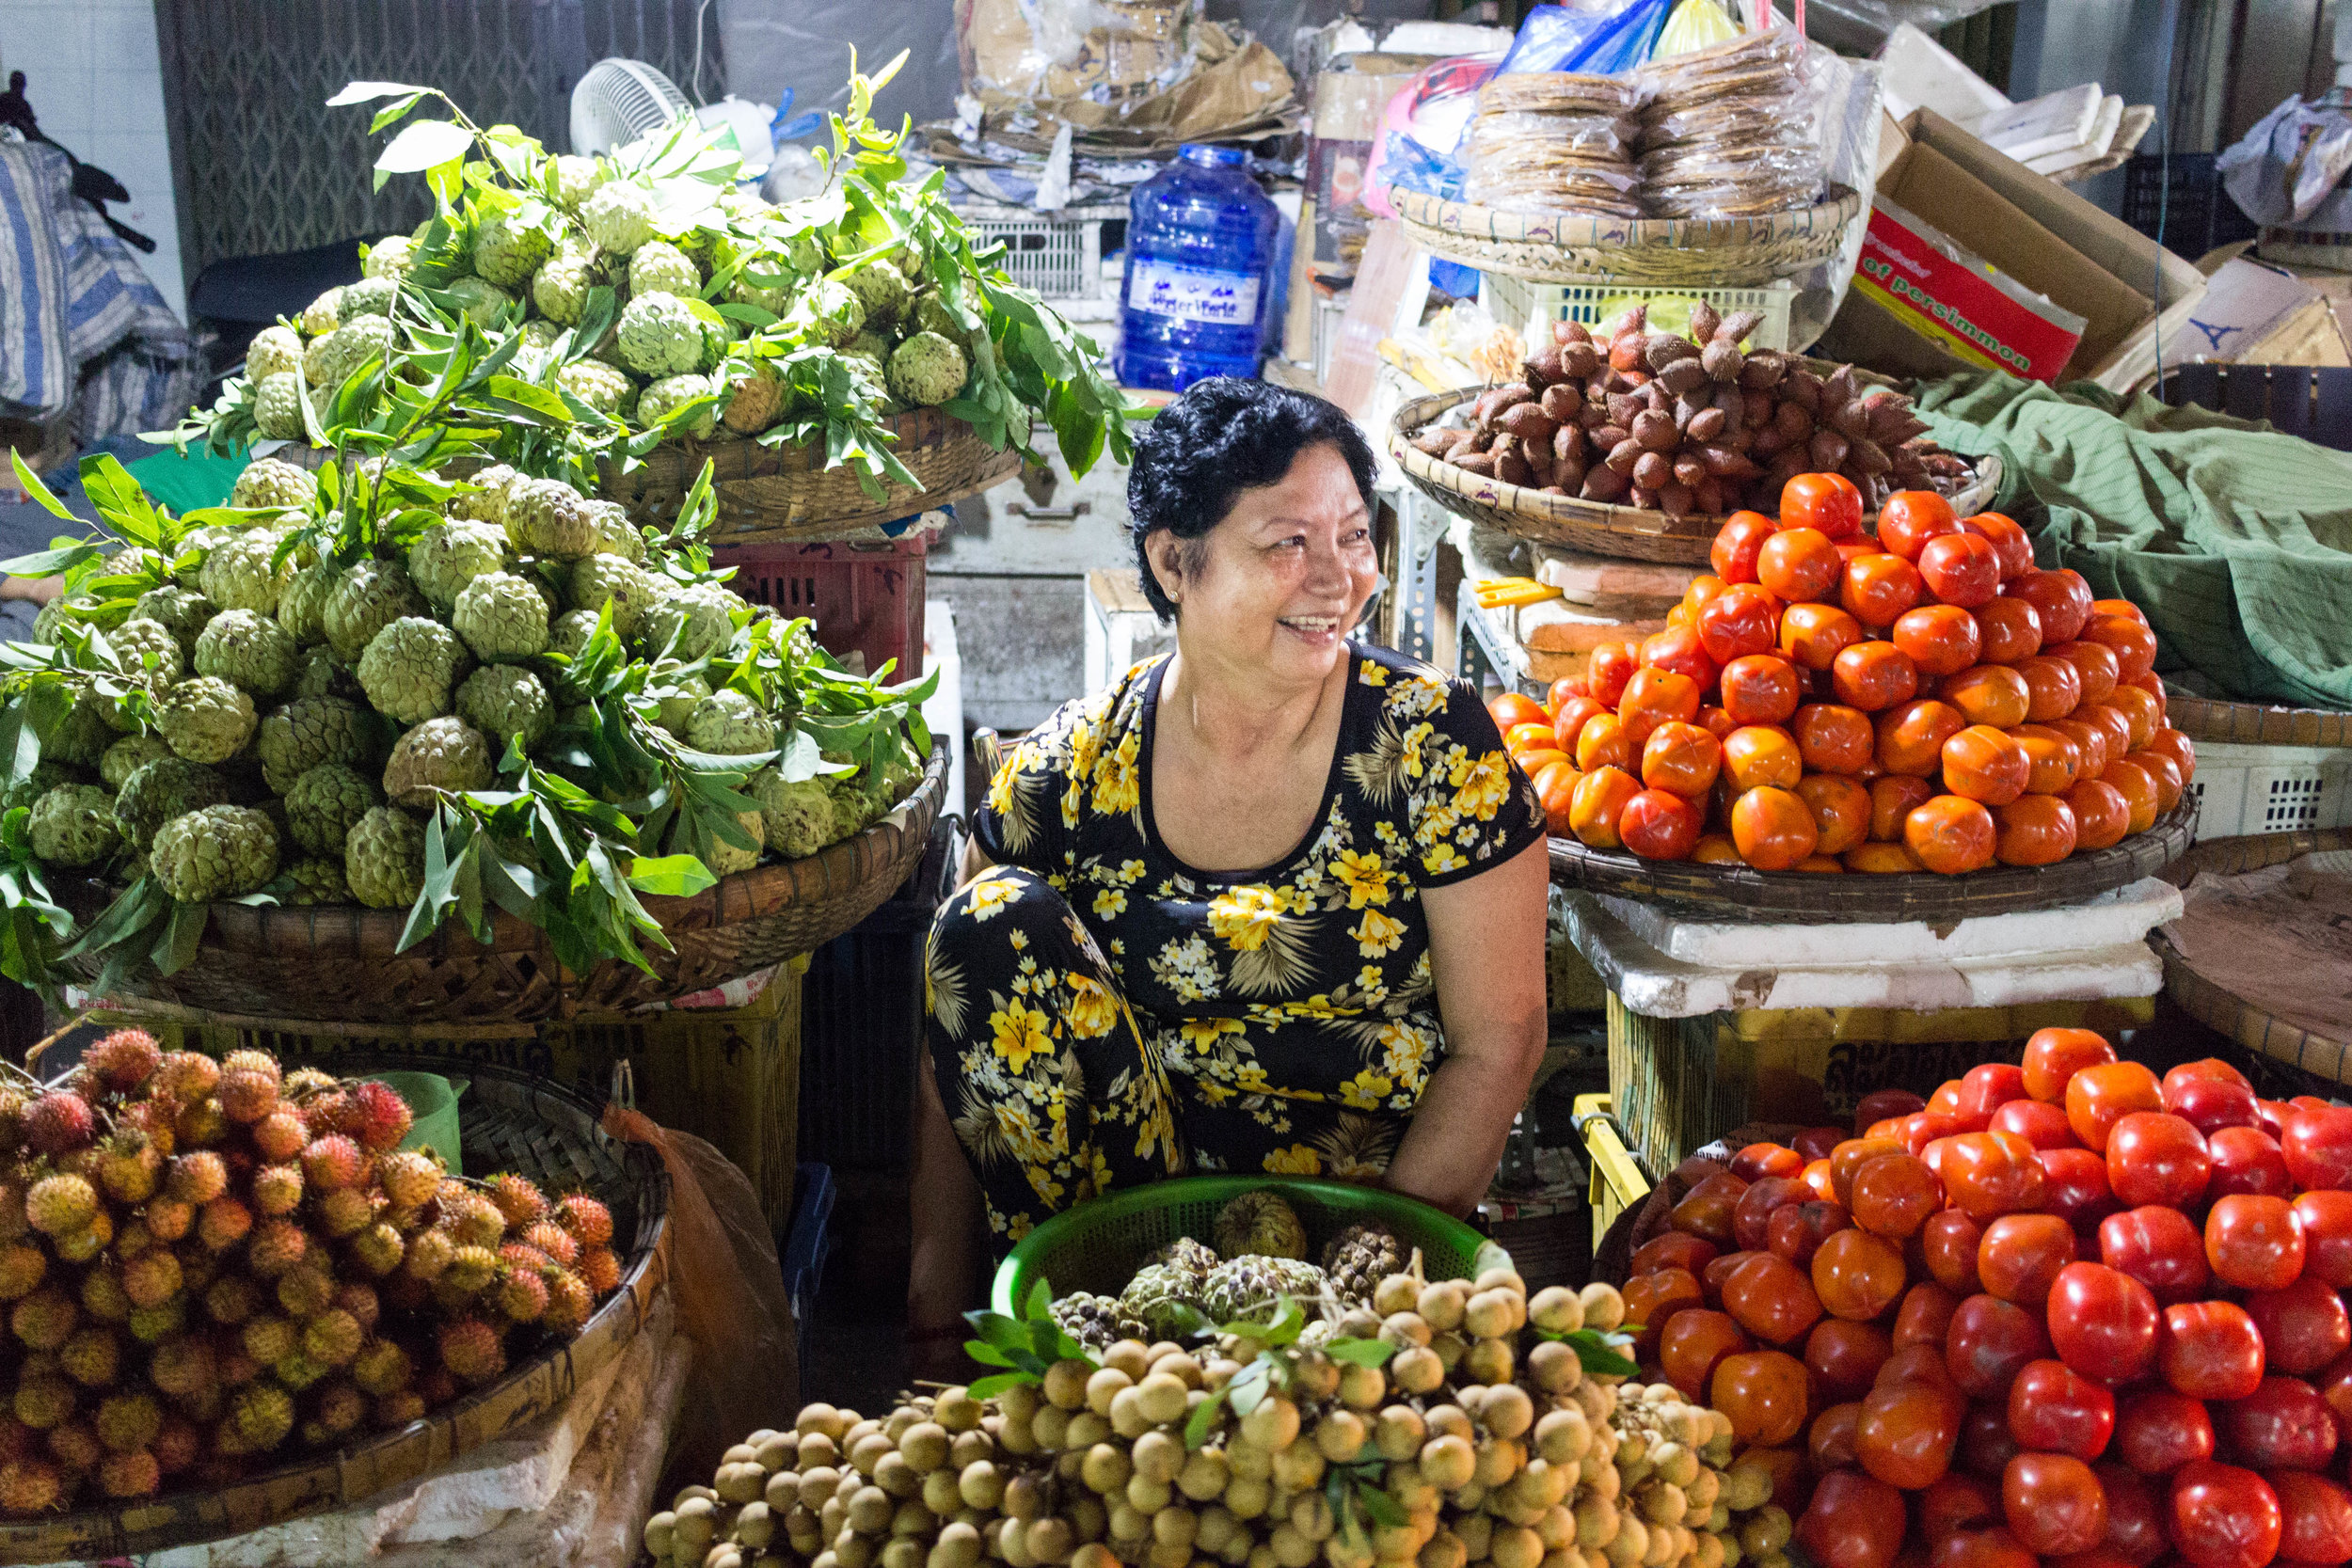 The night market in Châu Đốc, An Giang, Vietnam